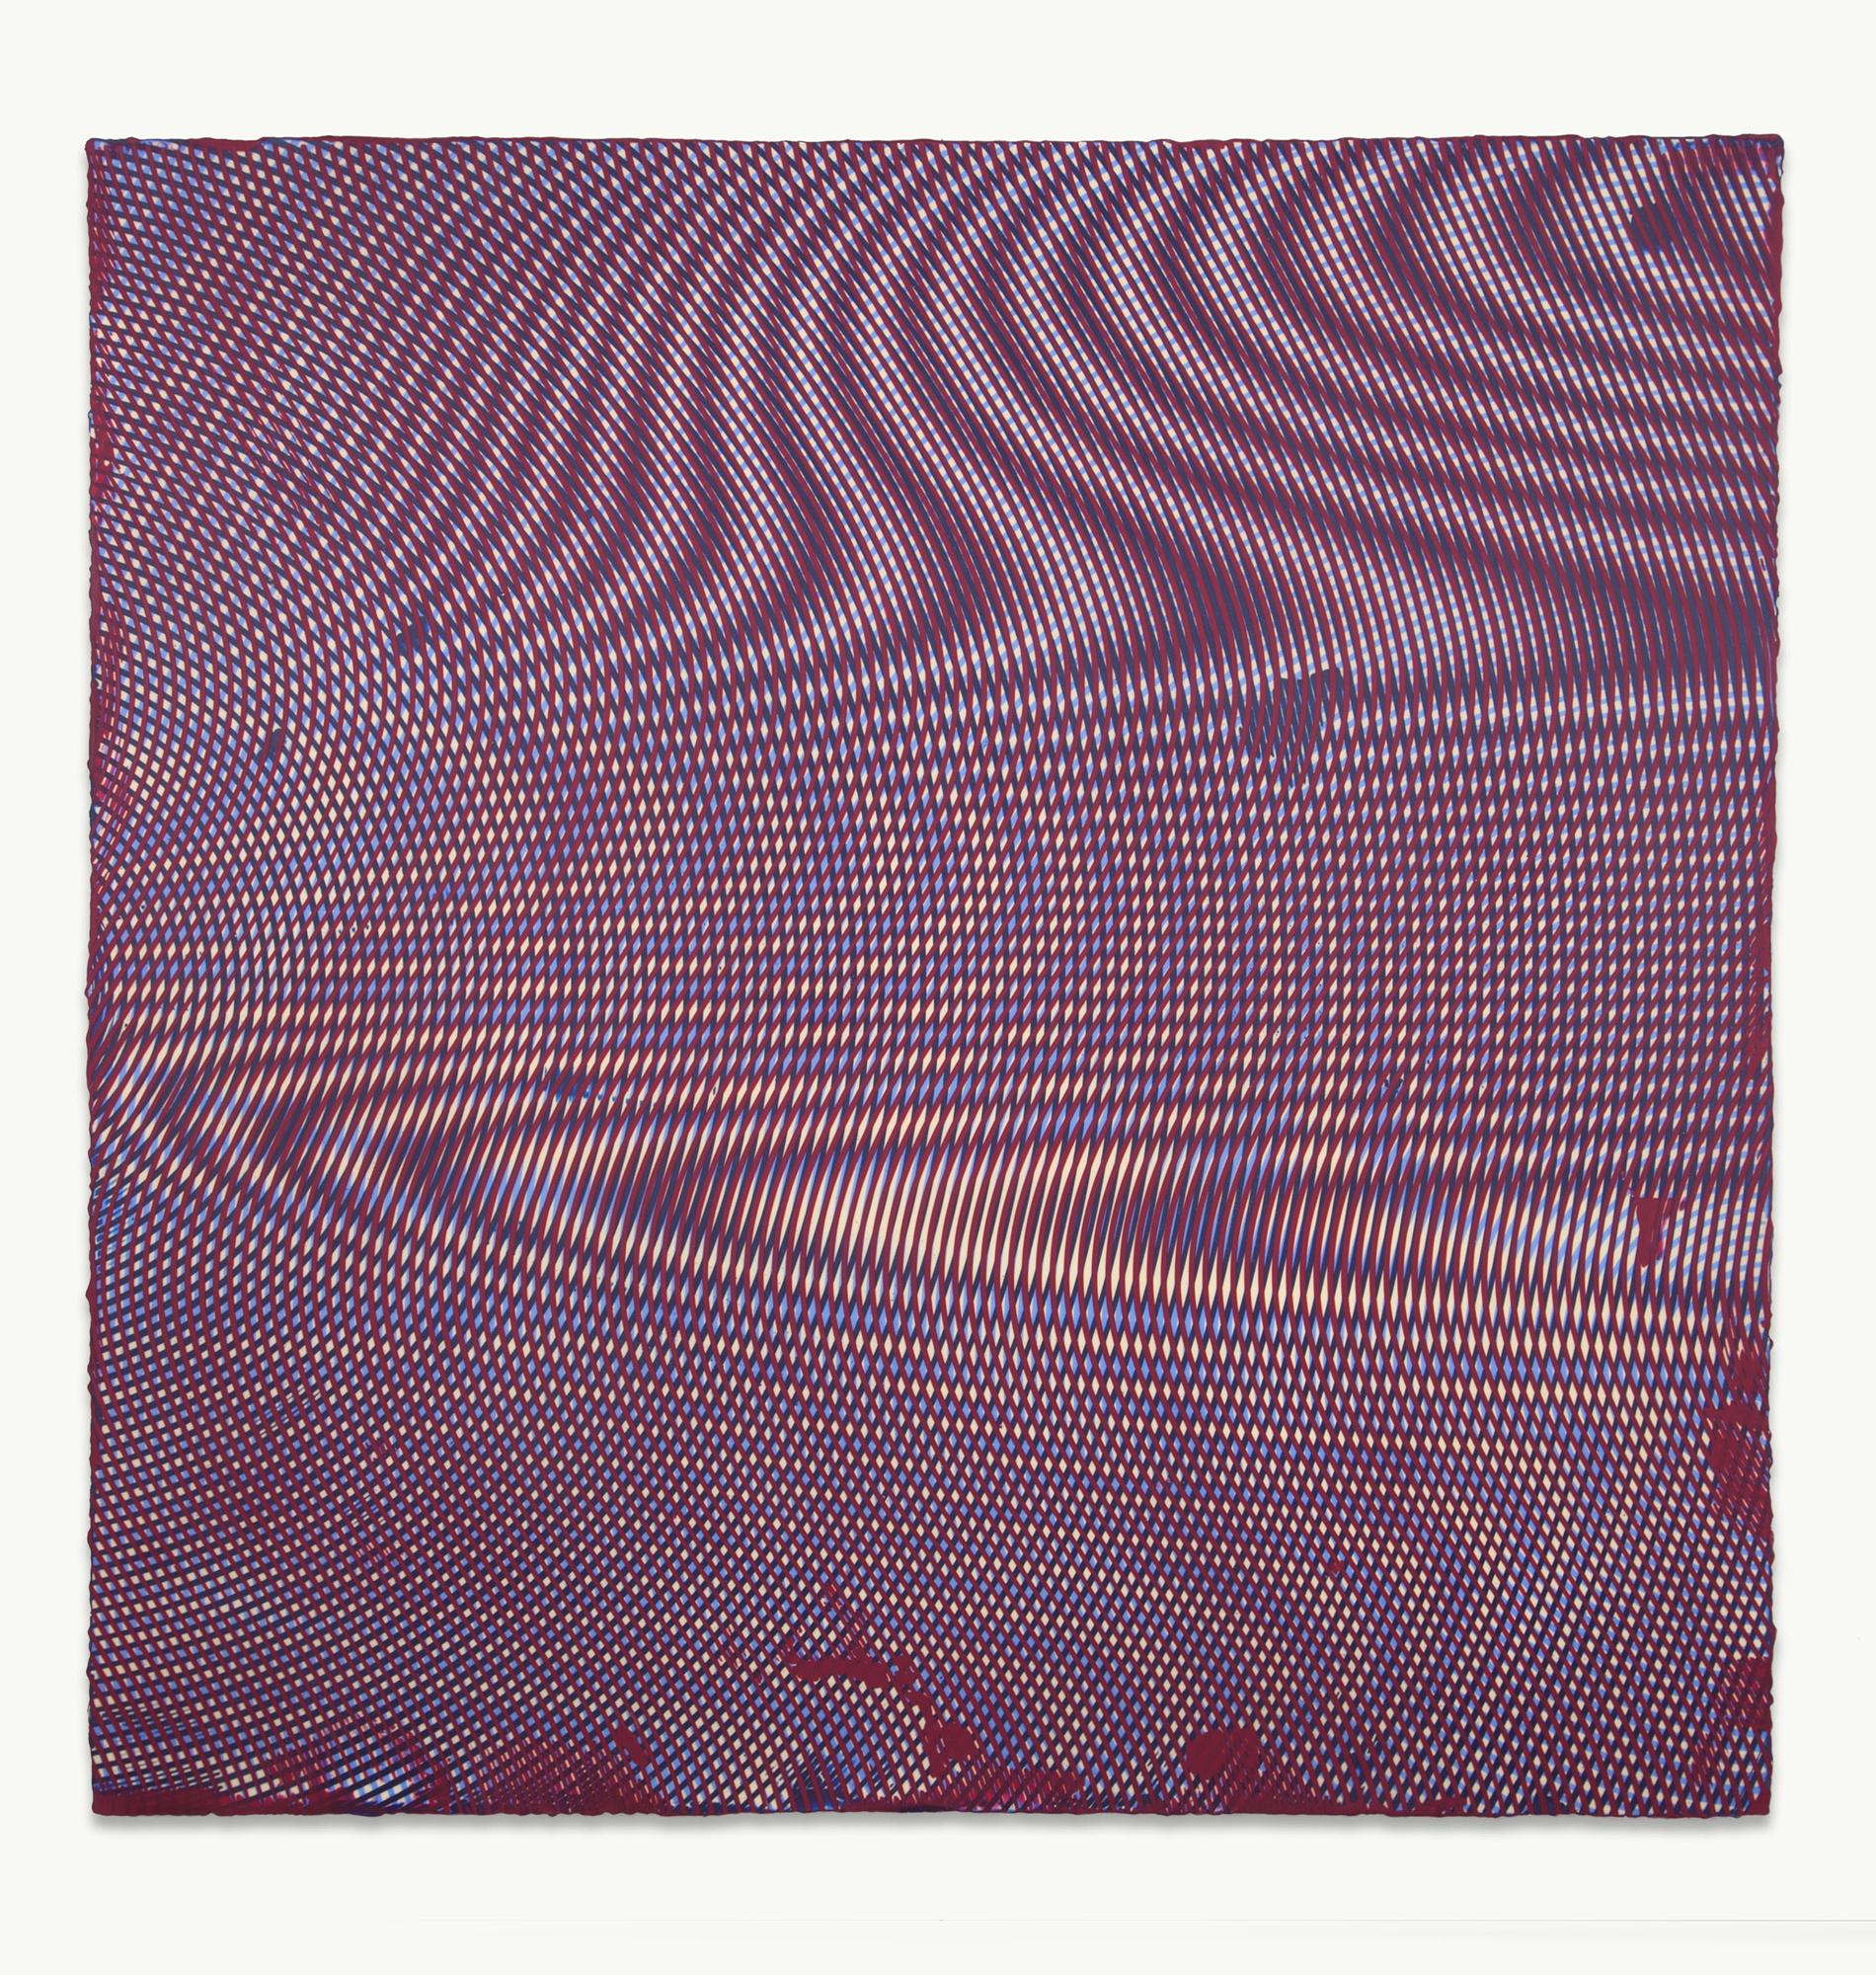 Anoka Faruqee, 2013P-85, 2013, acrylic on linen on panel, 45 x 45 inches